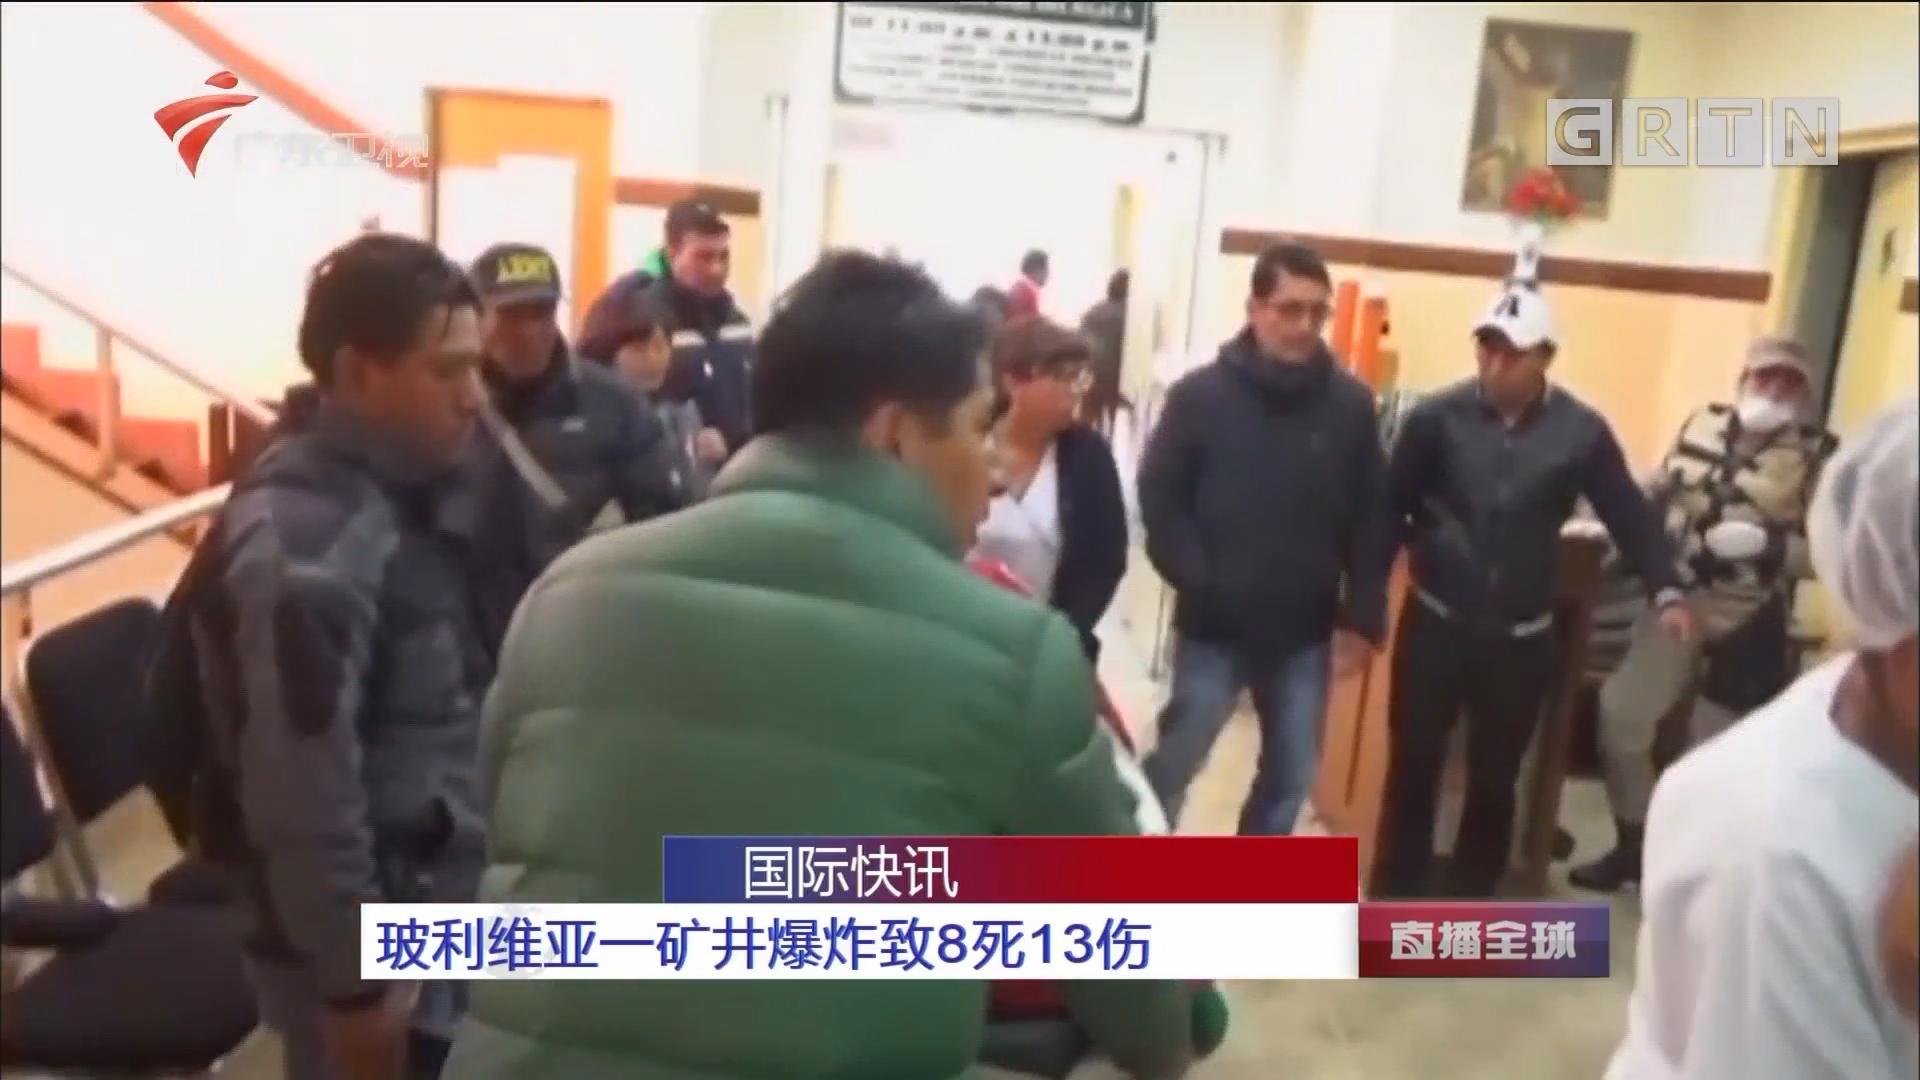 玻利维亚一矿井爆炸致8死13伤